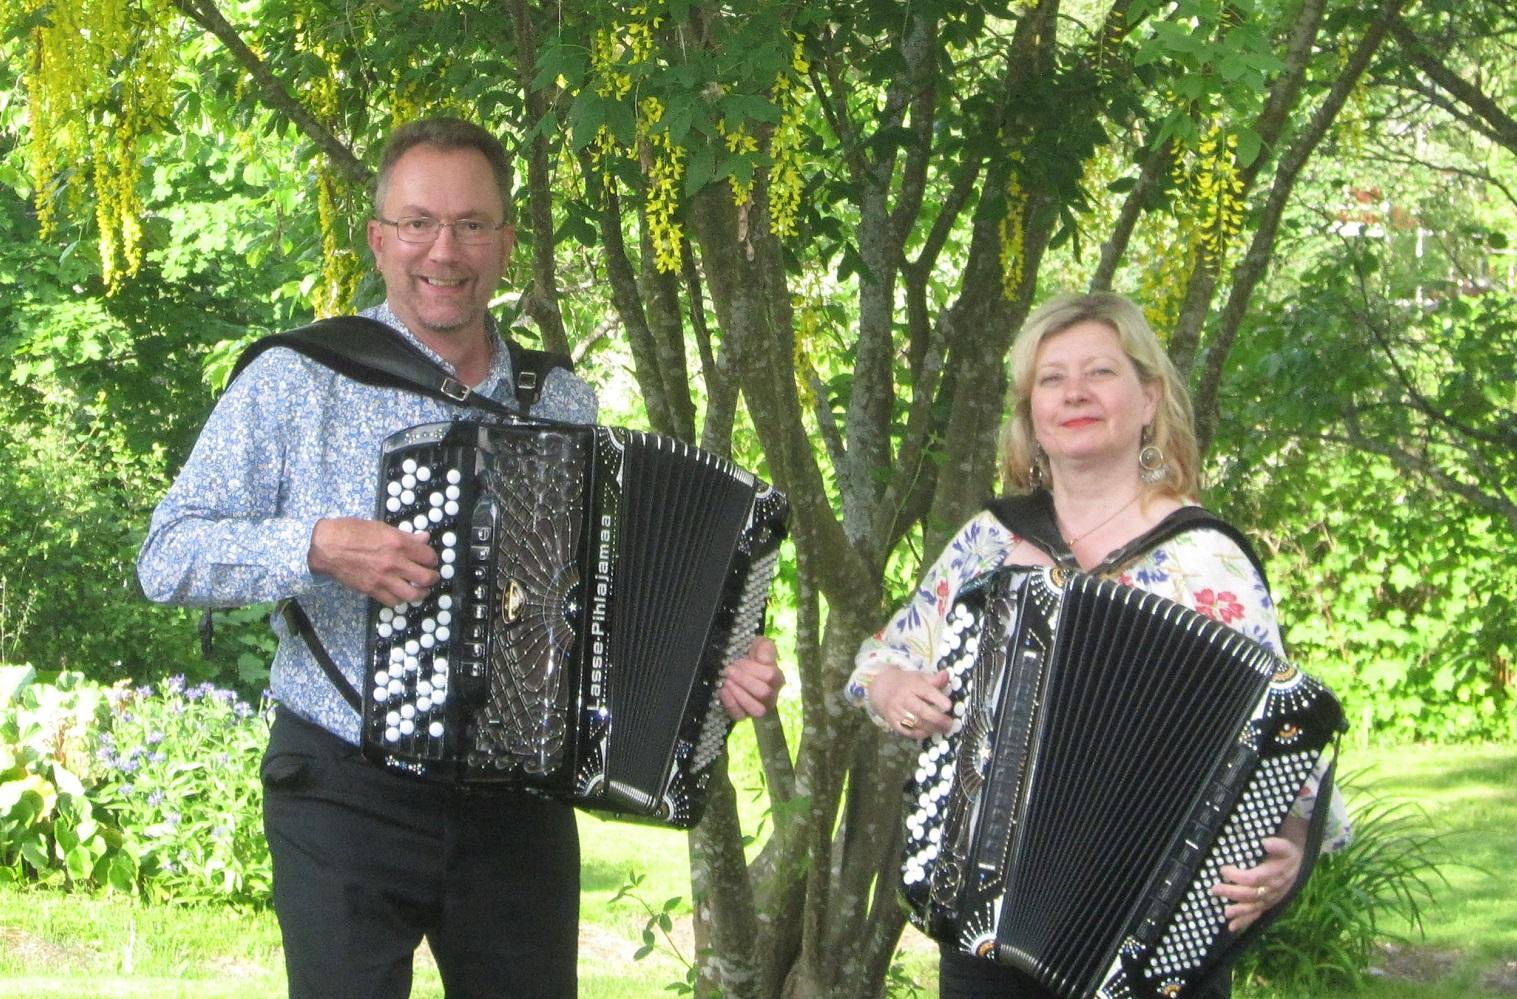 Pekka Pentikäinen ja Maria Kalaniemi soittavat harmonikkaa puun alla. Dragspelarna Pekka Petikäinen och Maria Kalaniemi under ett träd.